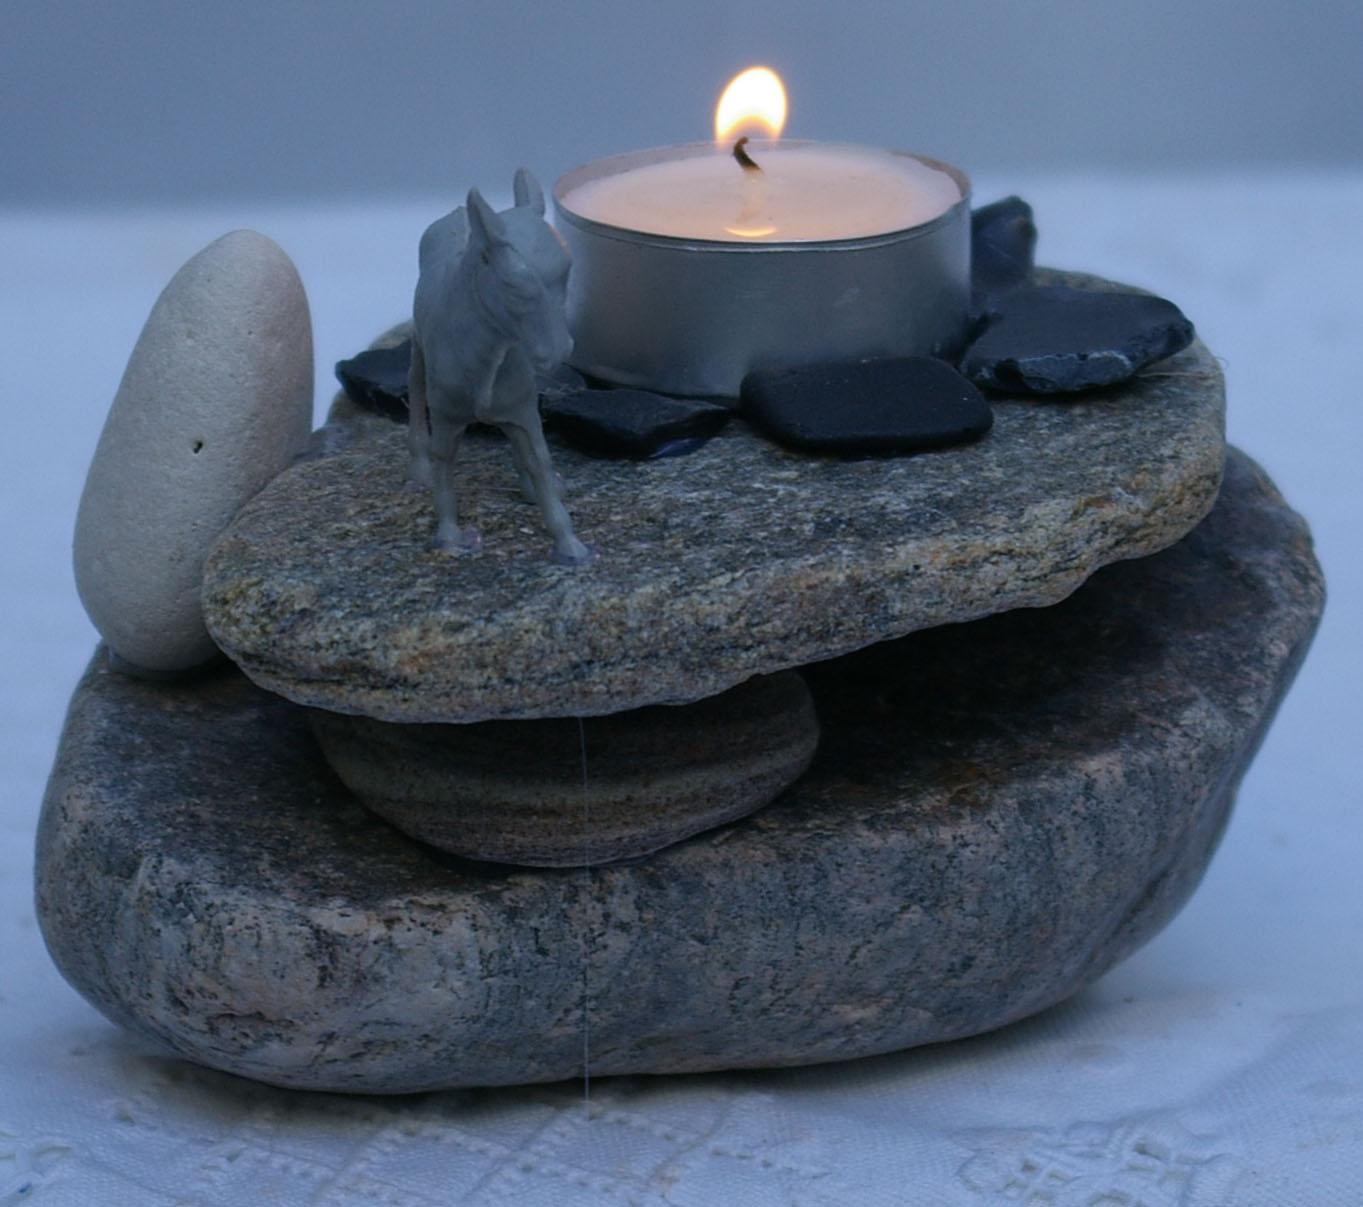 kerzen- und teelicht-ideen mit steinen | recyclingkunst und der